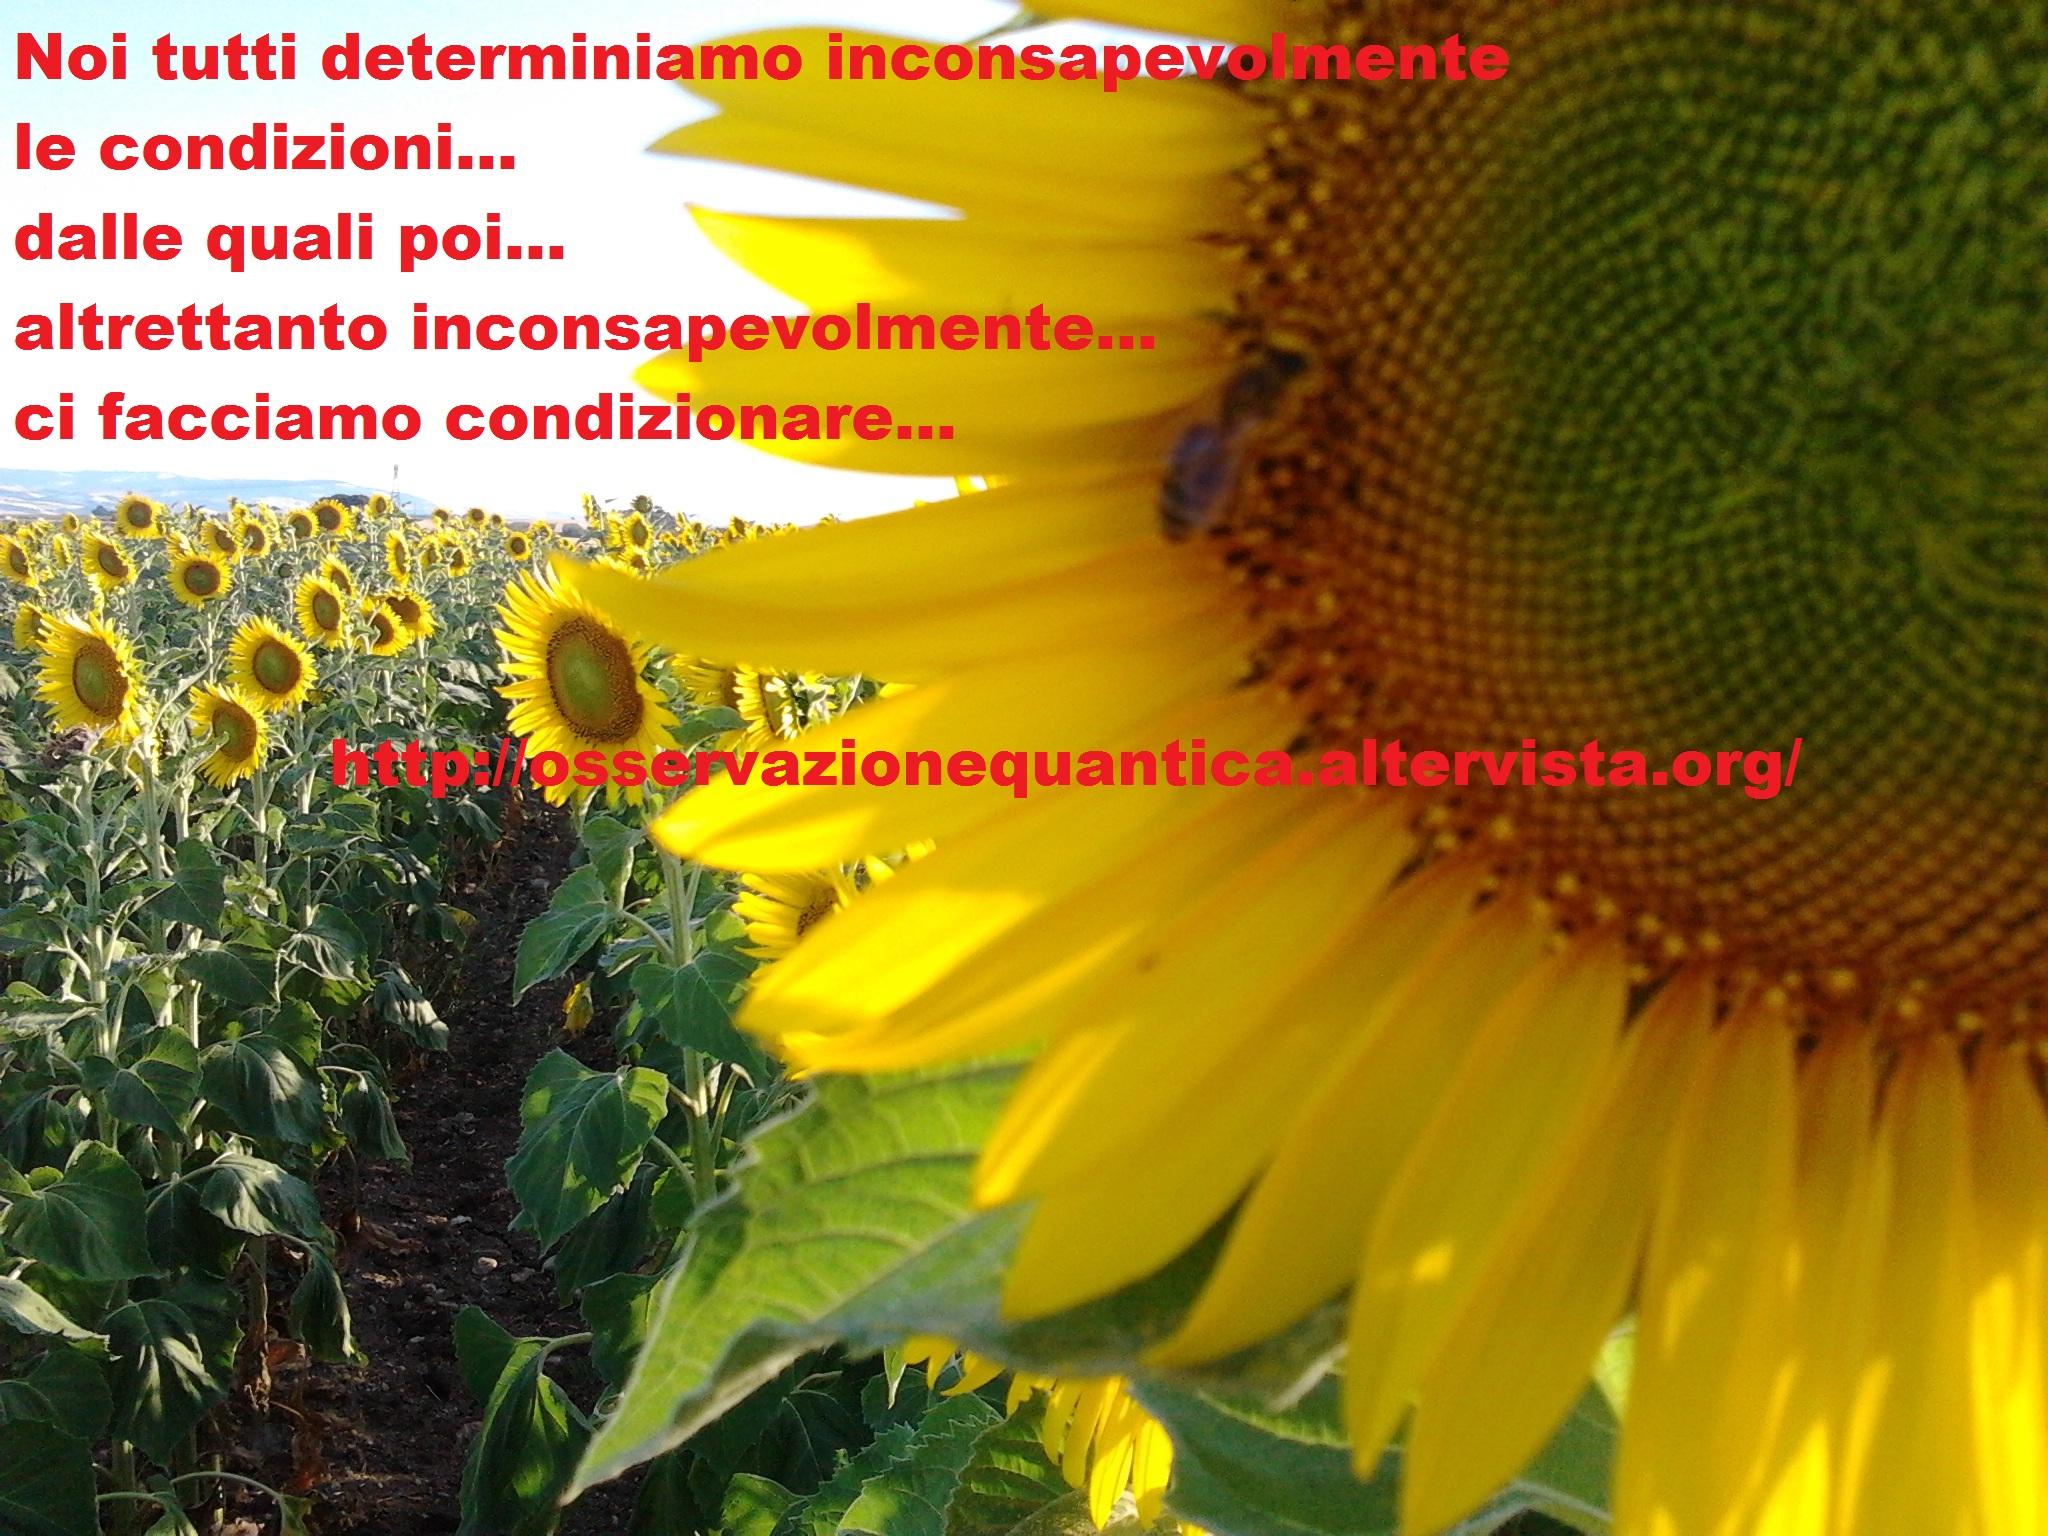 2012-06-25 19.08.43 - Copia